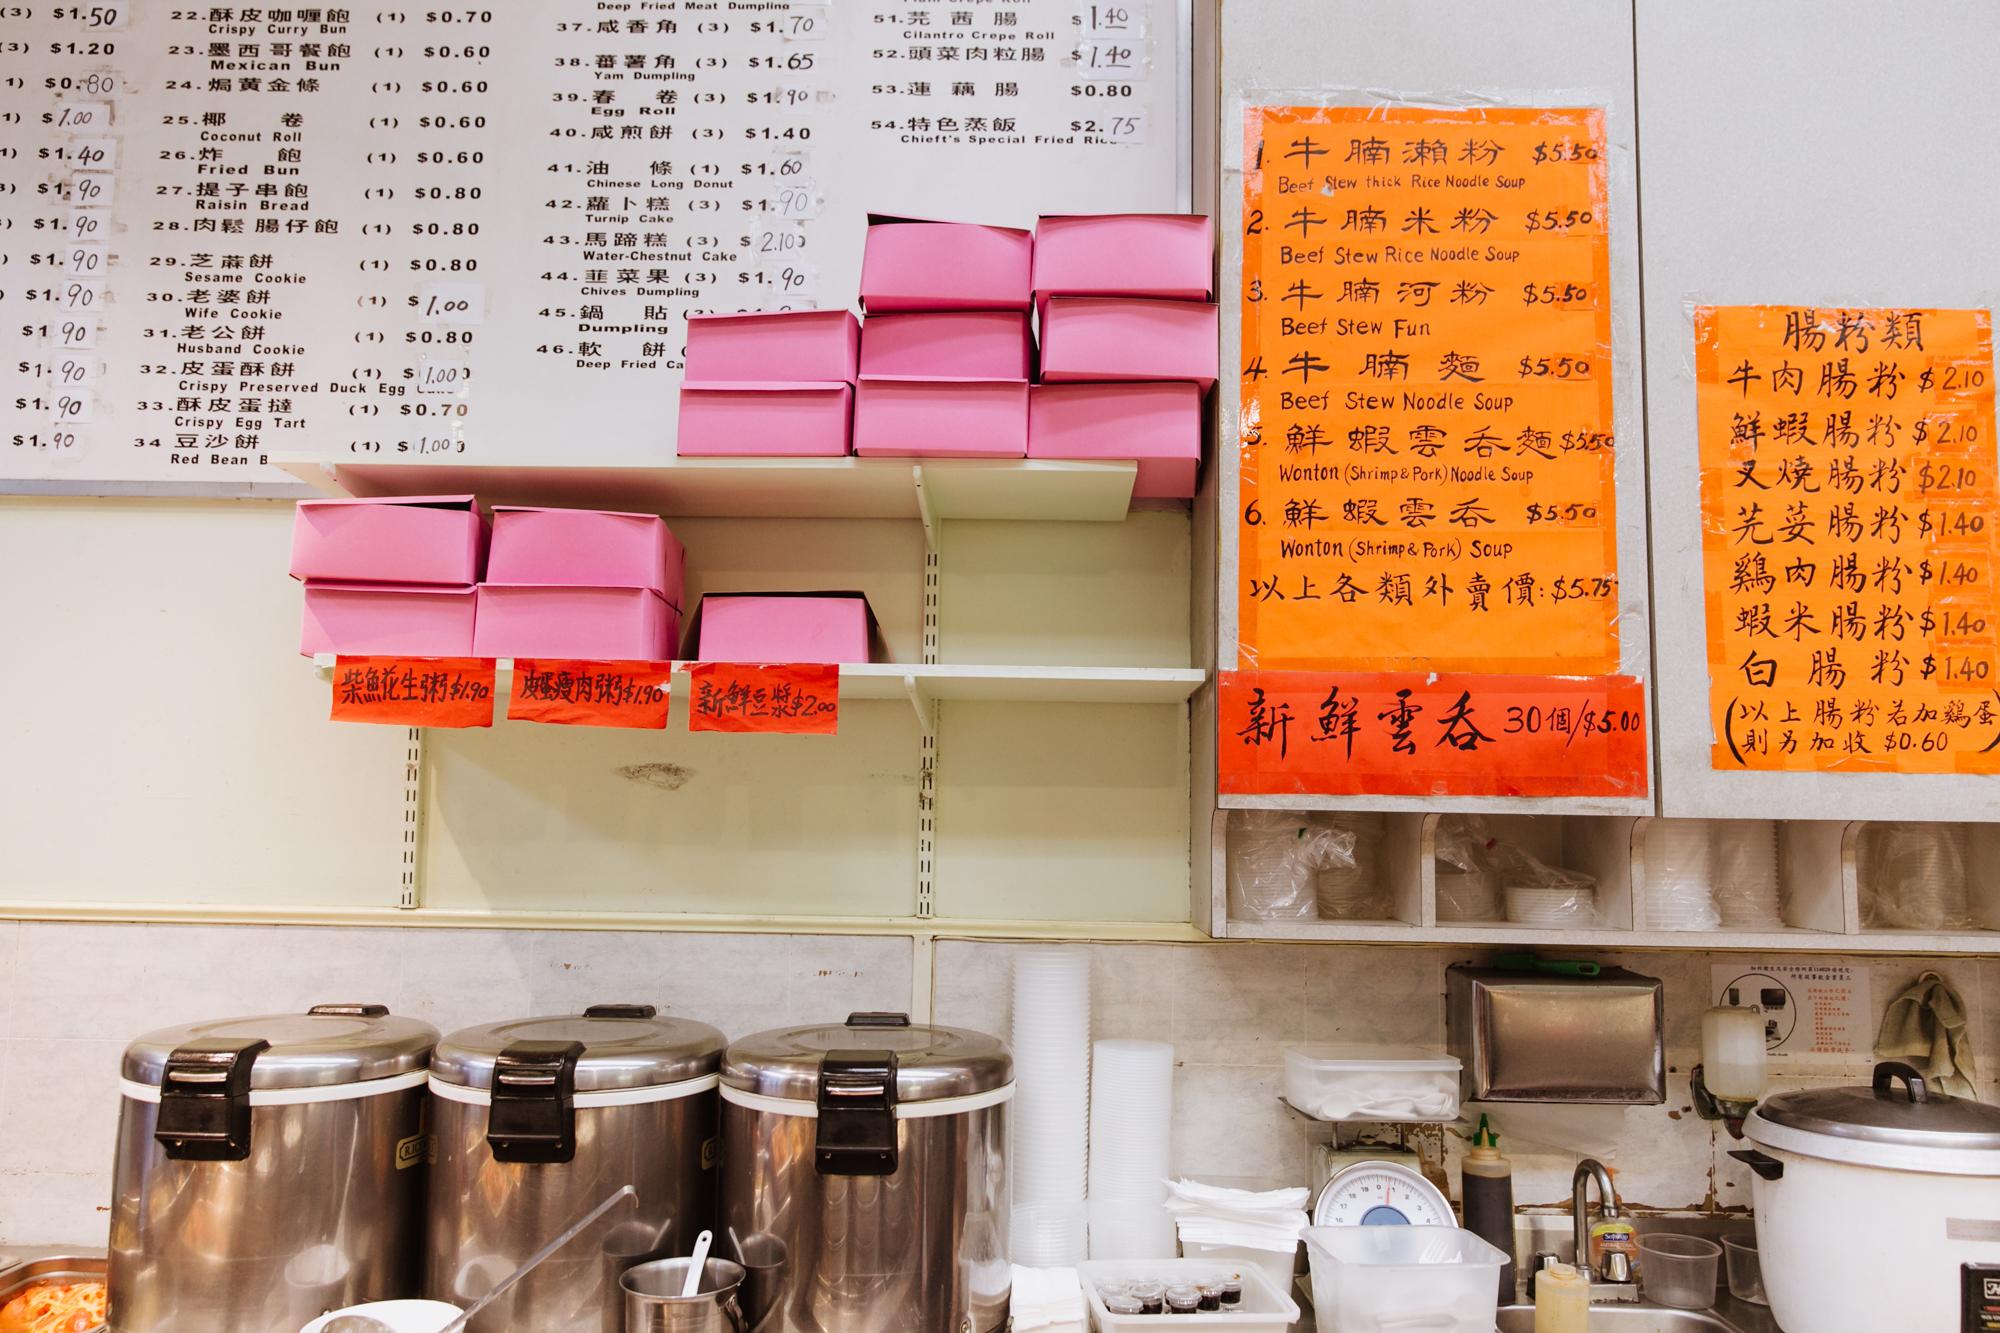 09_Yummy-Dim-Sum_EatChinatown.jpg